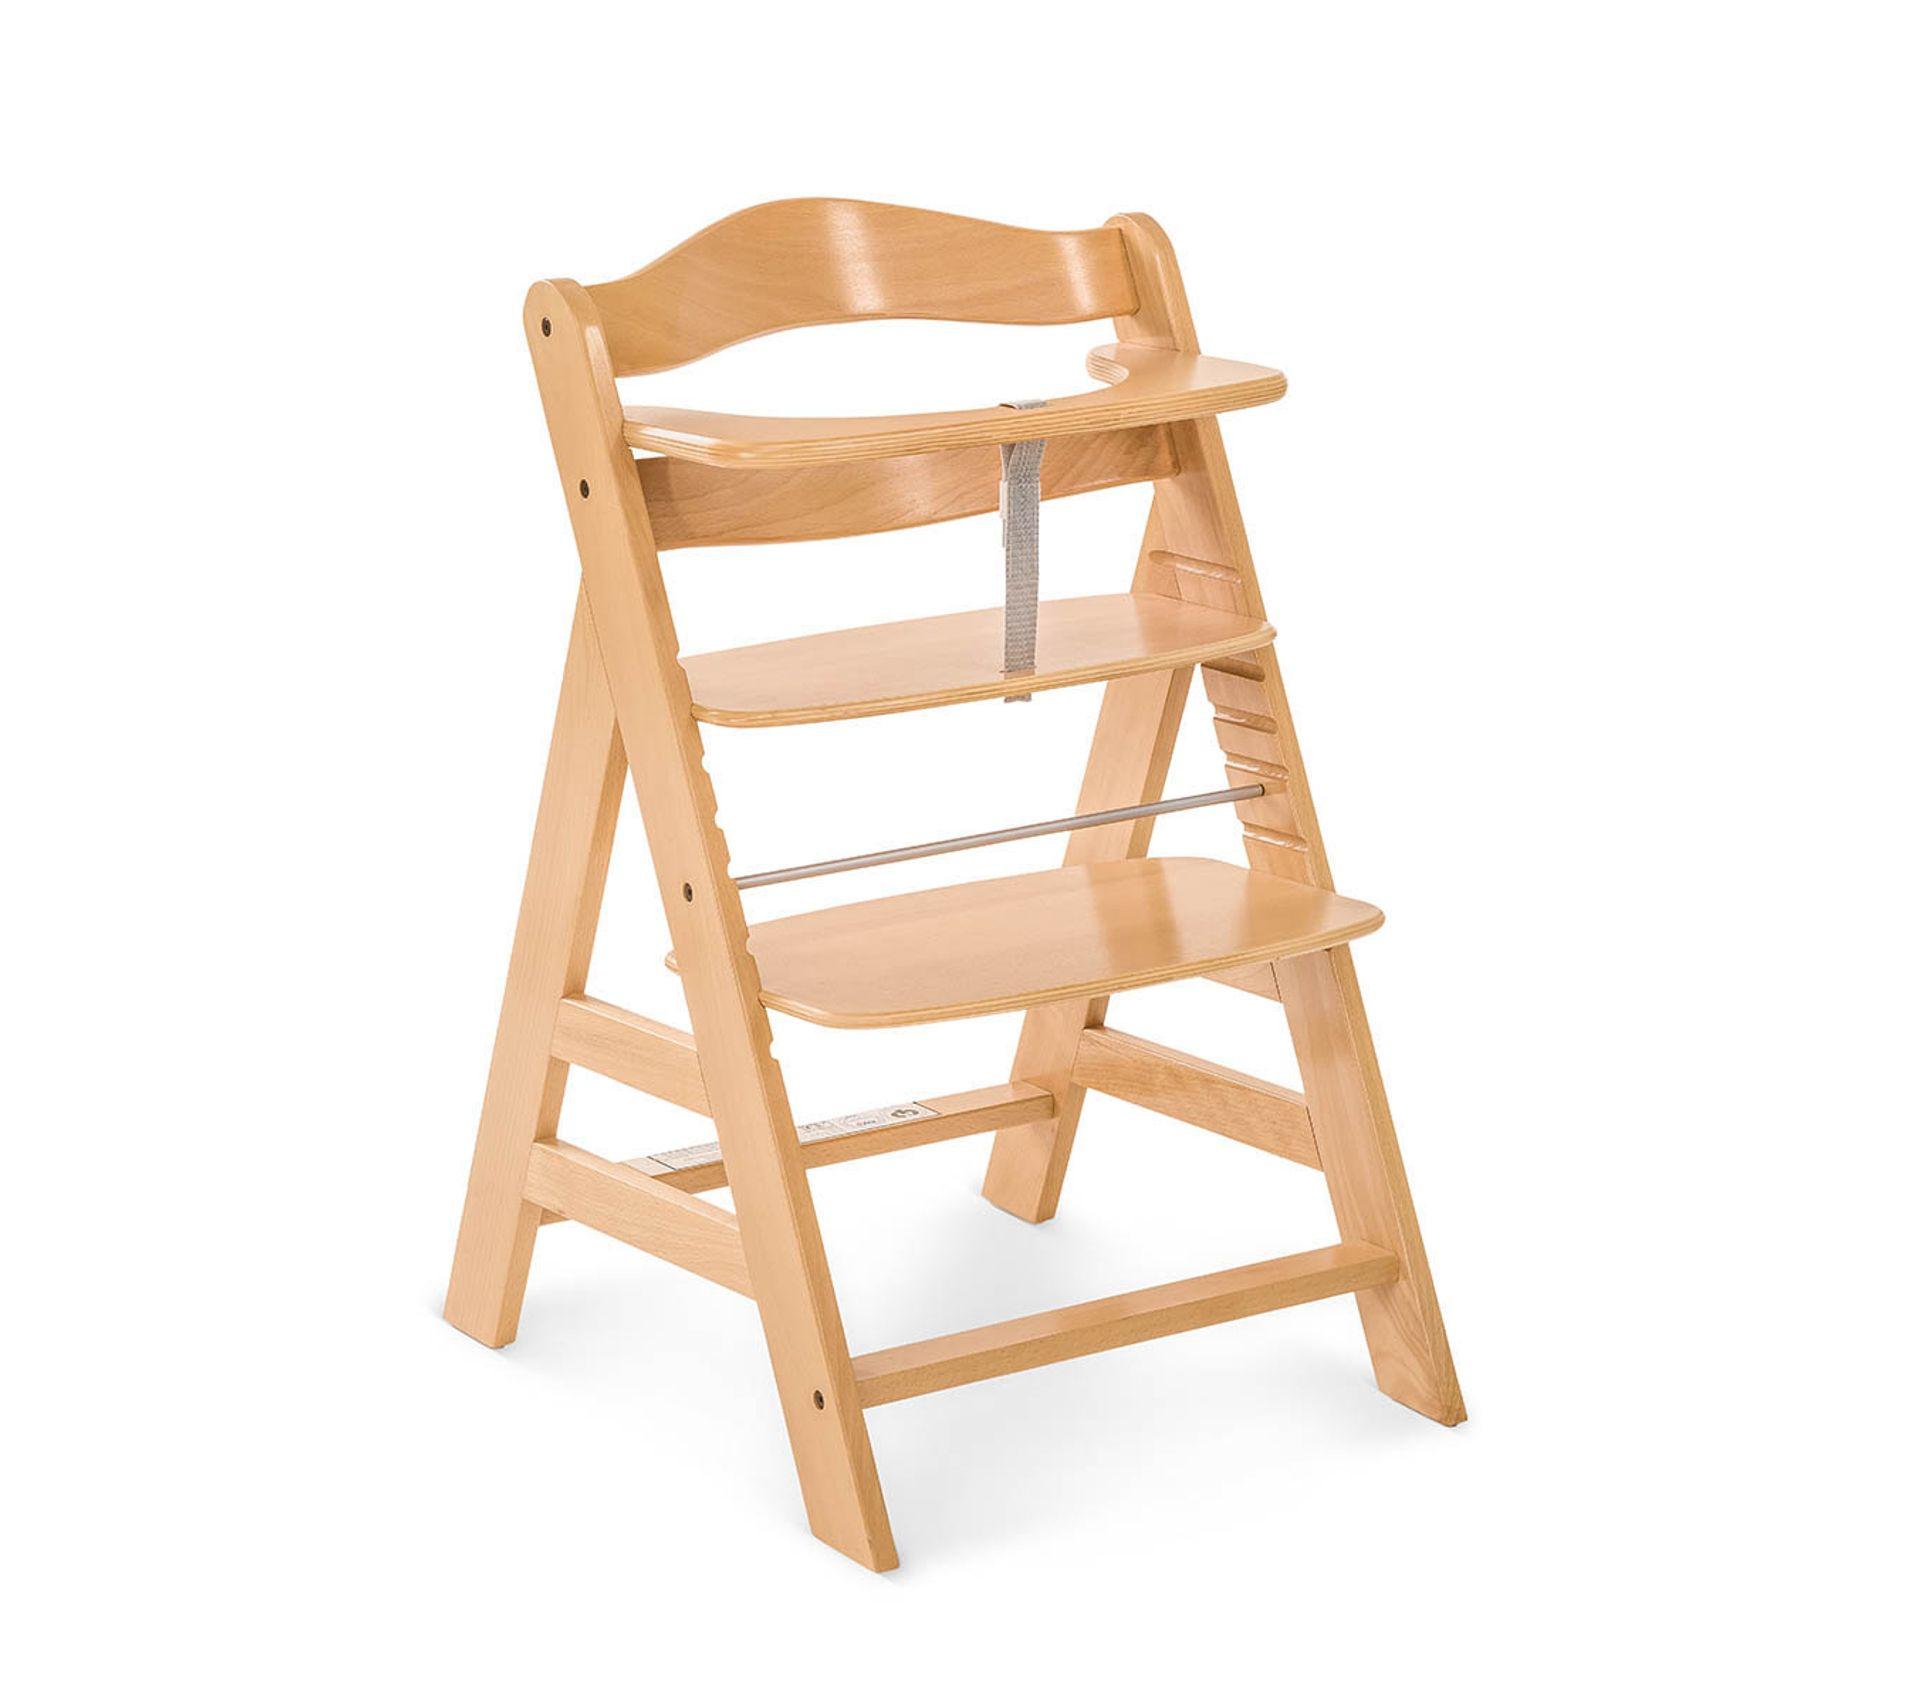 chaises cuisine bois clair but